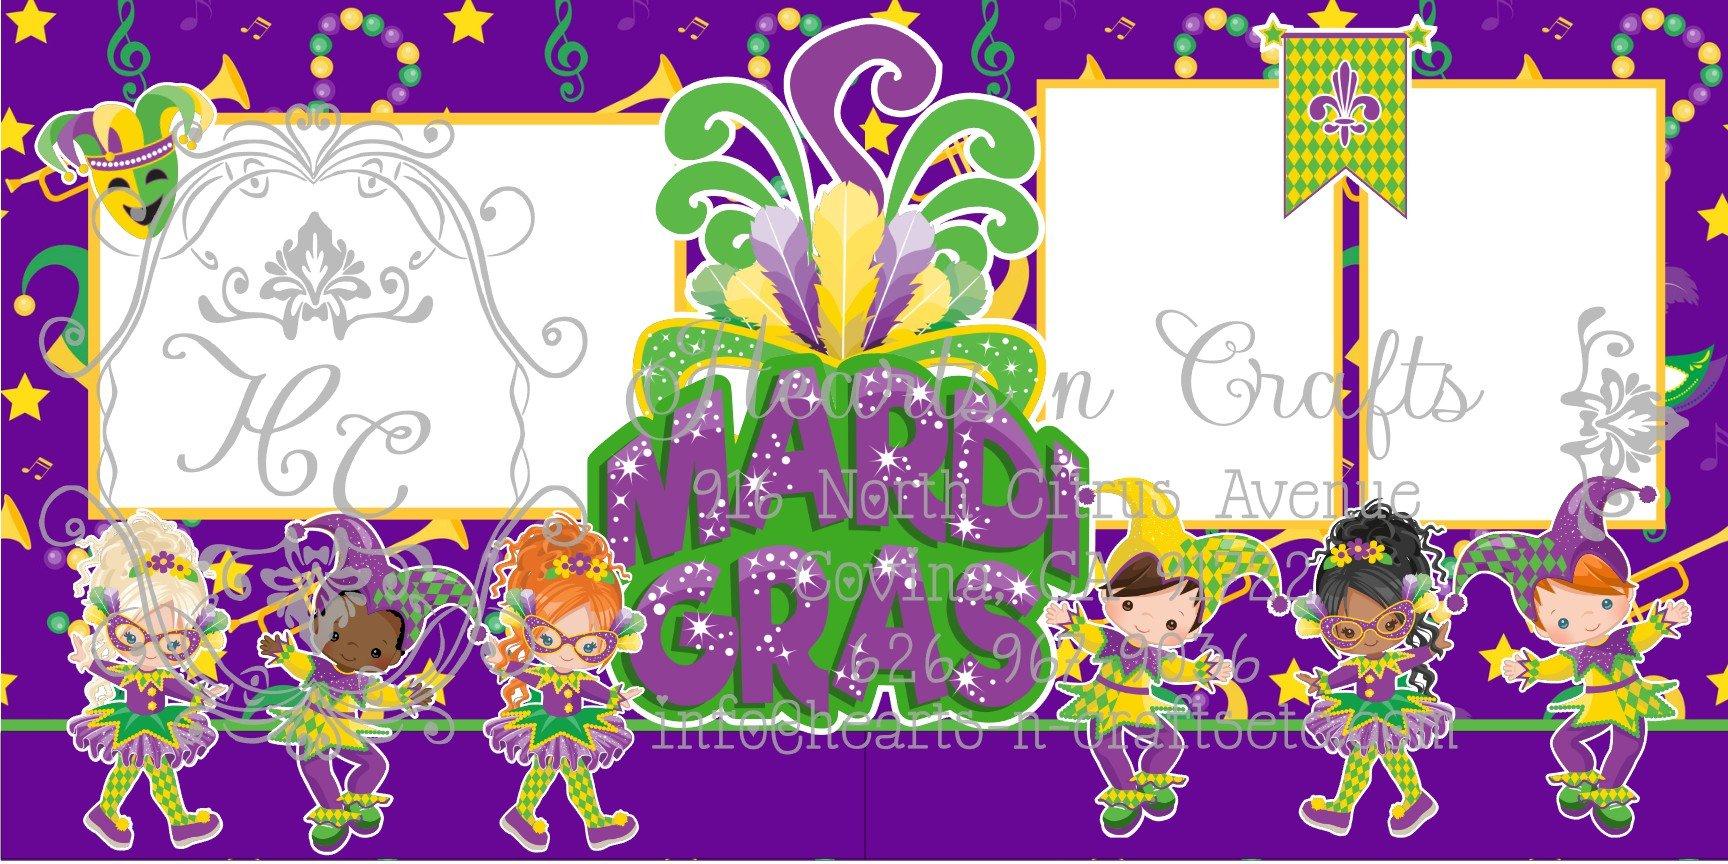 Mardi Gras 2 Page Layout